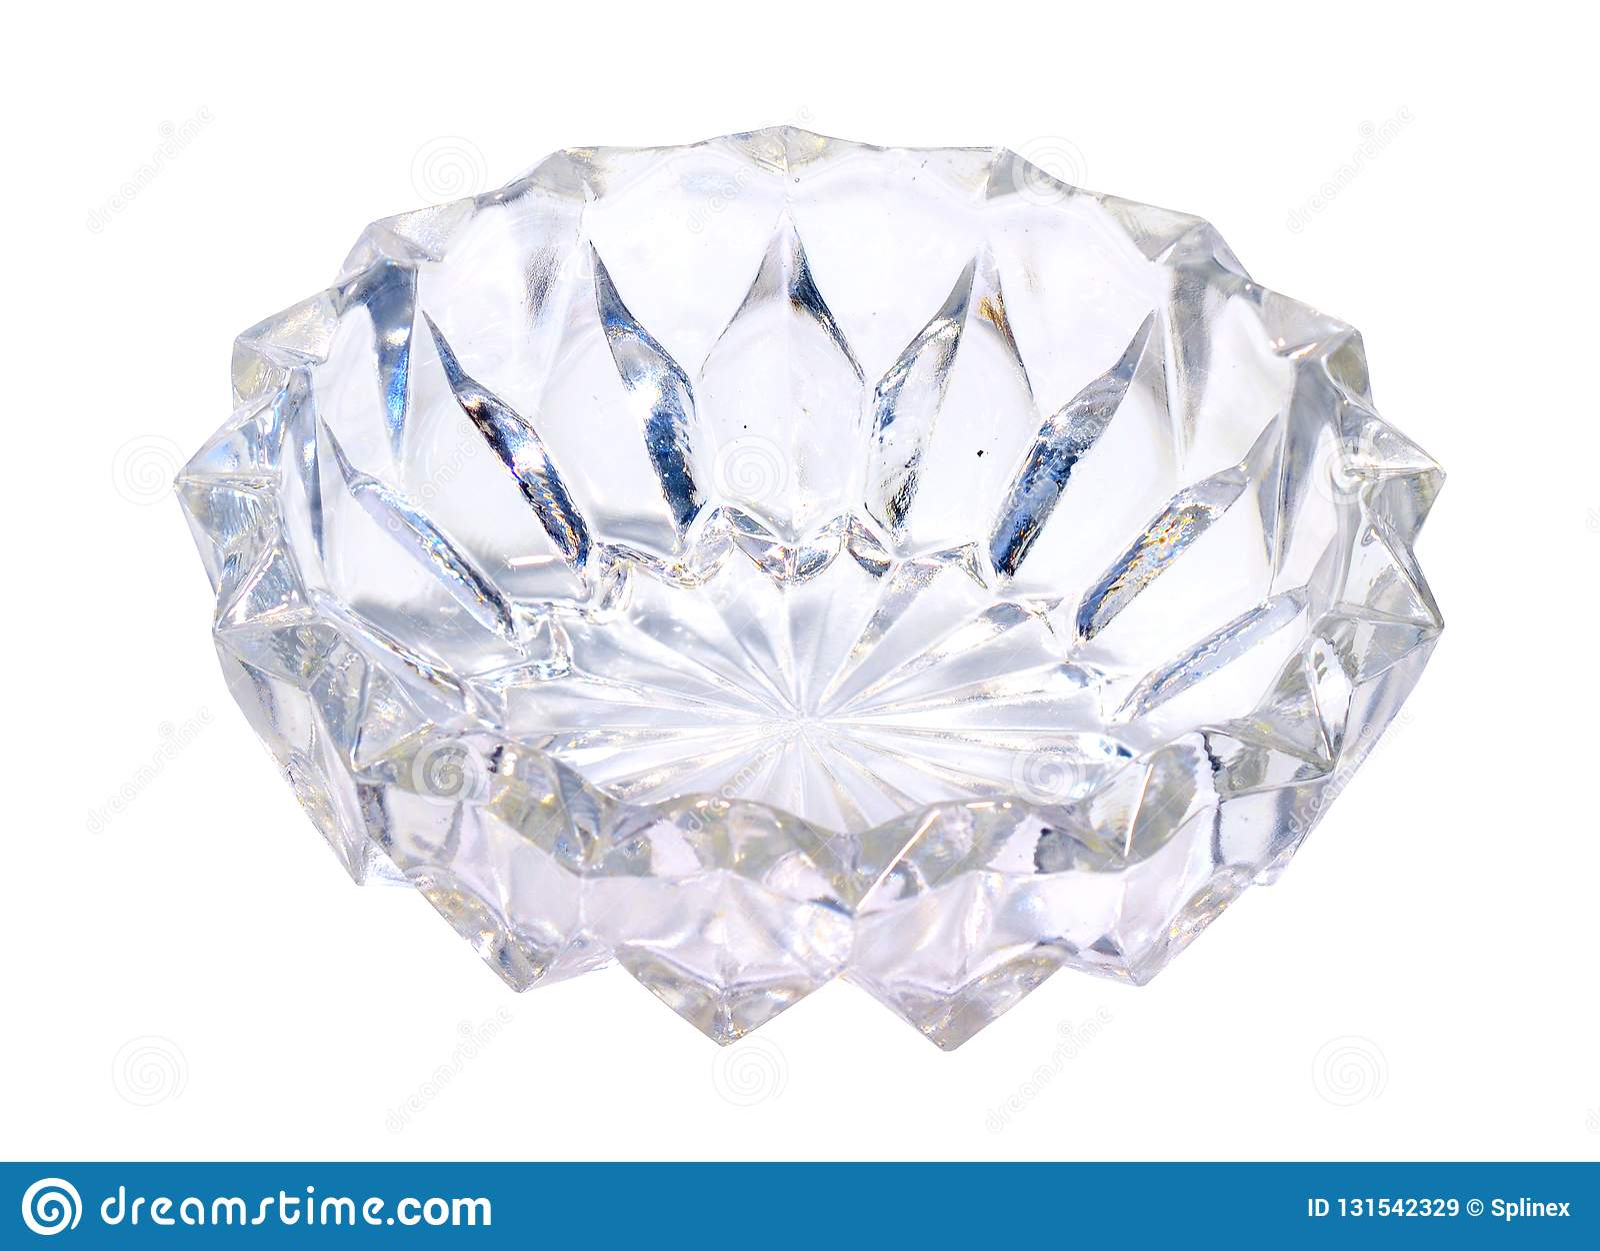 Glasvase oder Teller Getrennt auf weißem Hintergrund